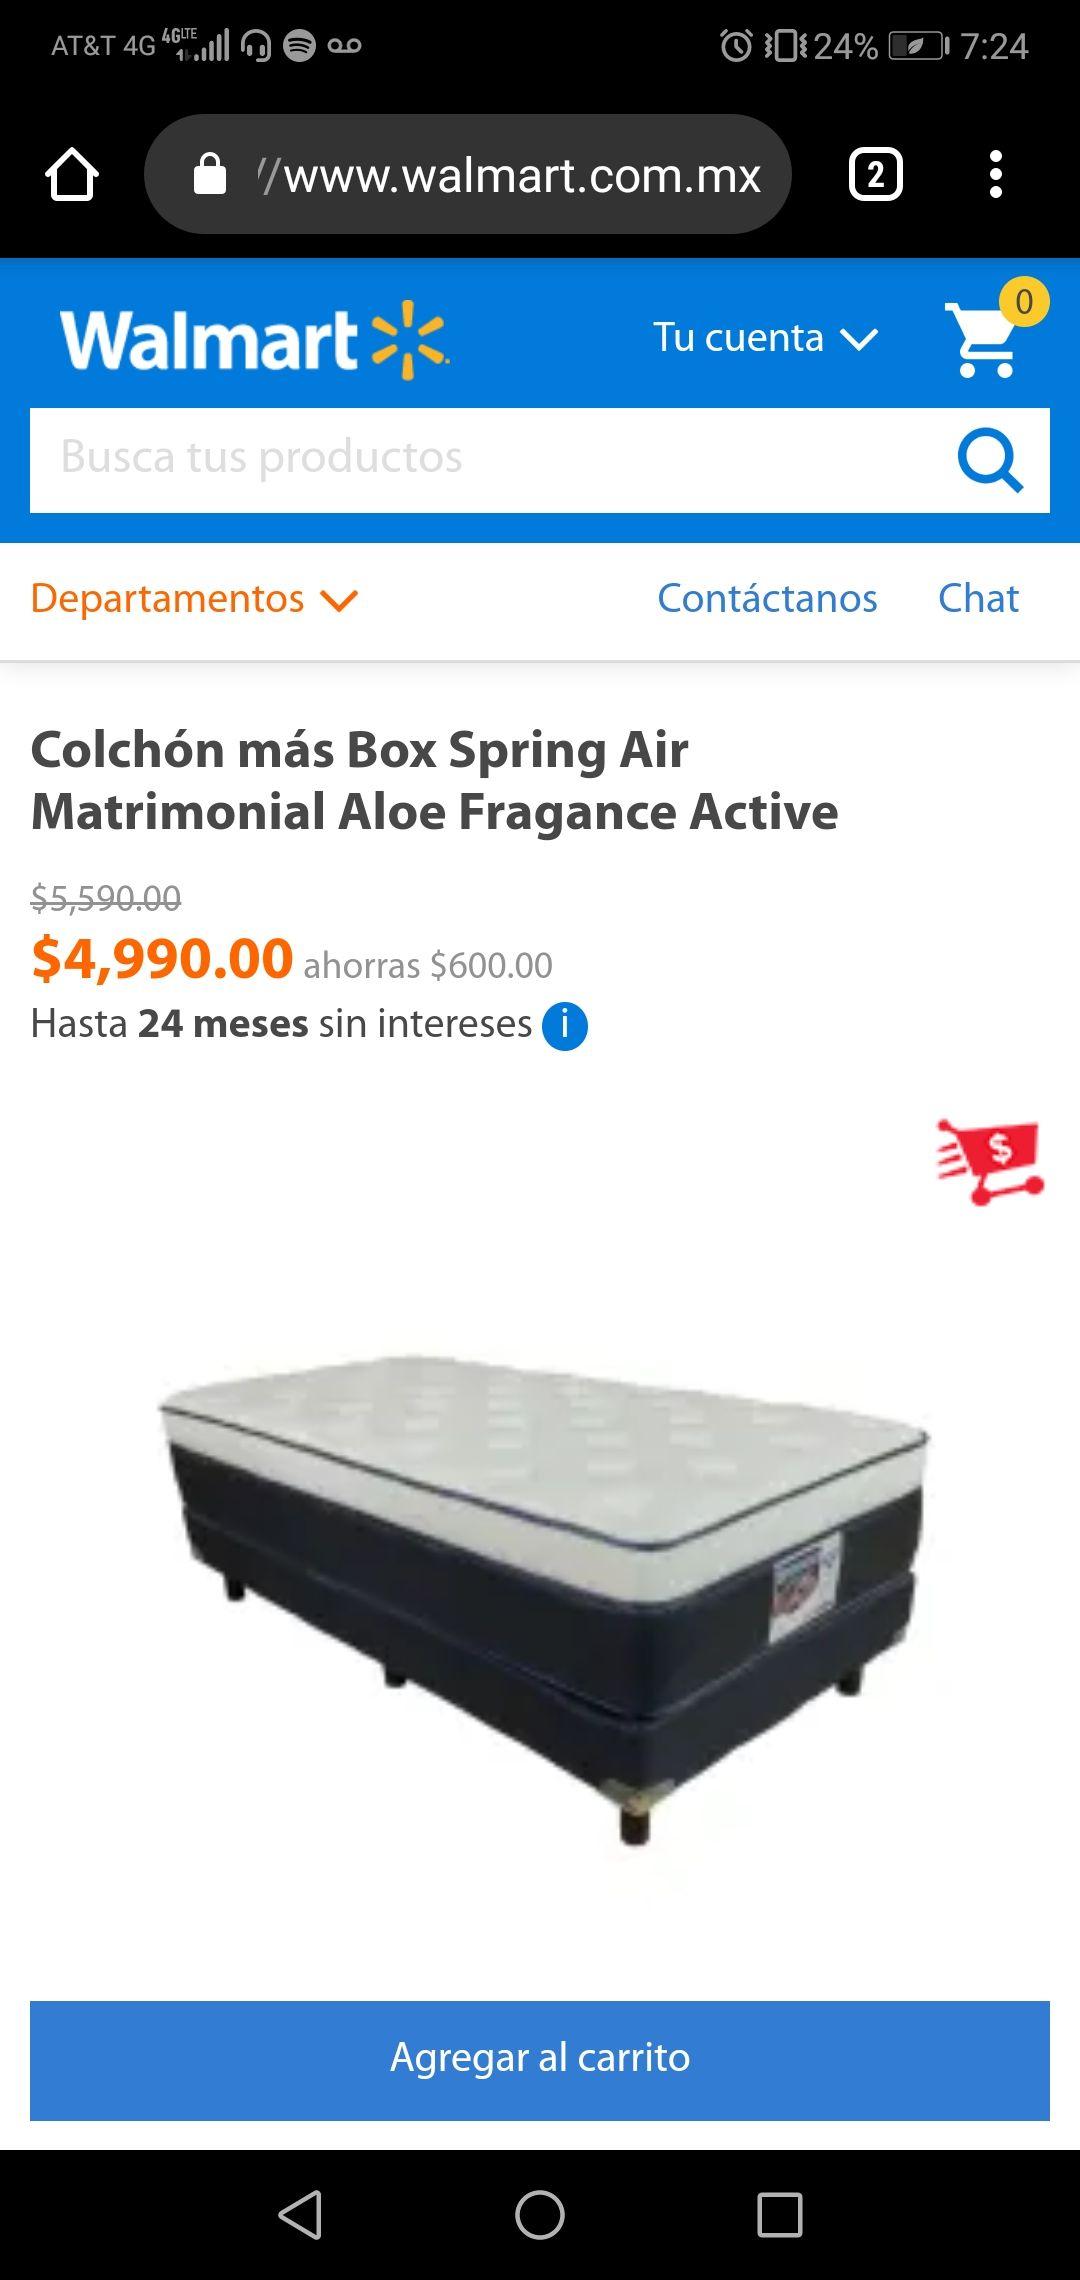 Walmart: Colchon más box